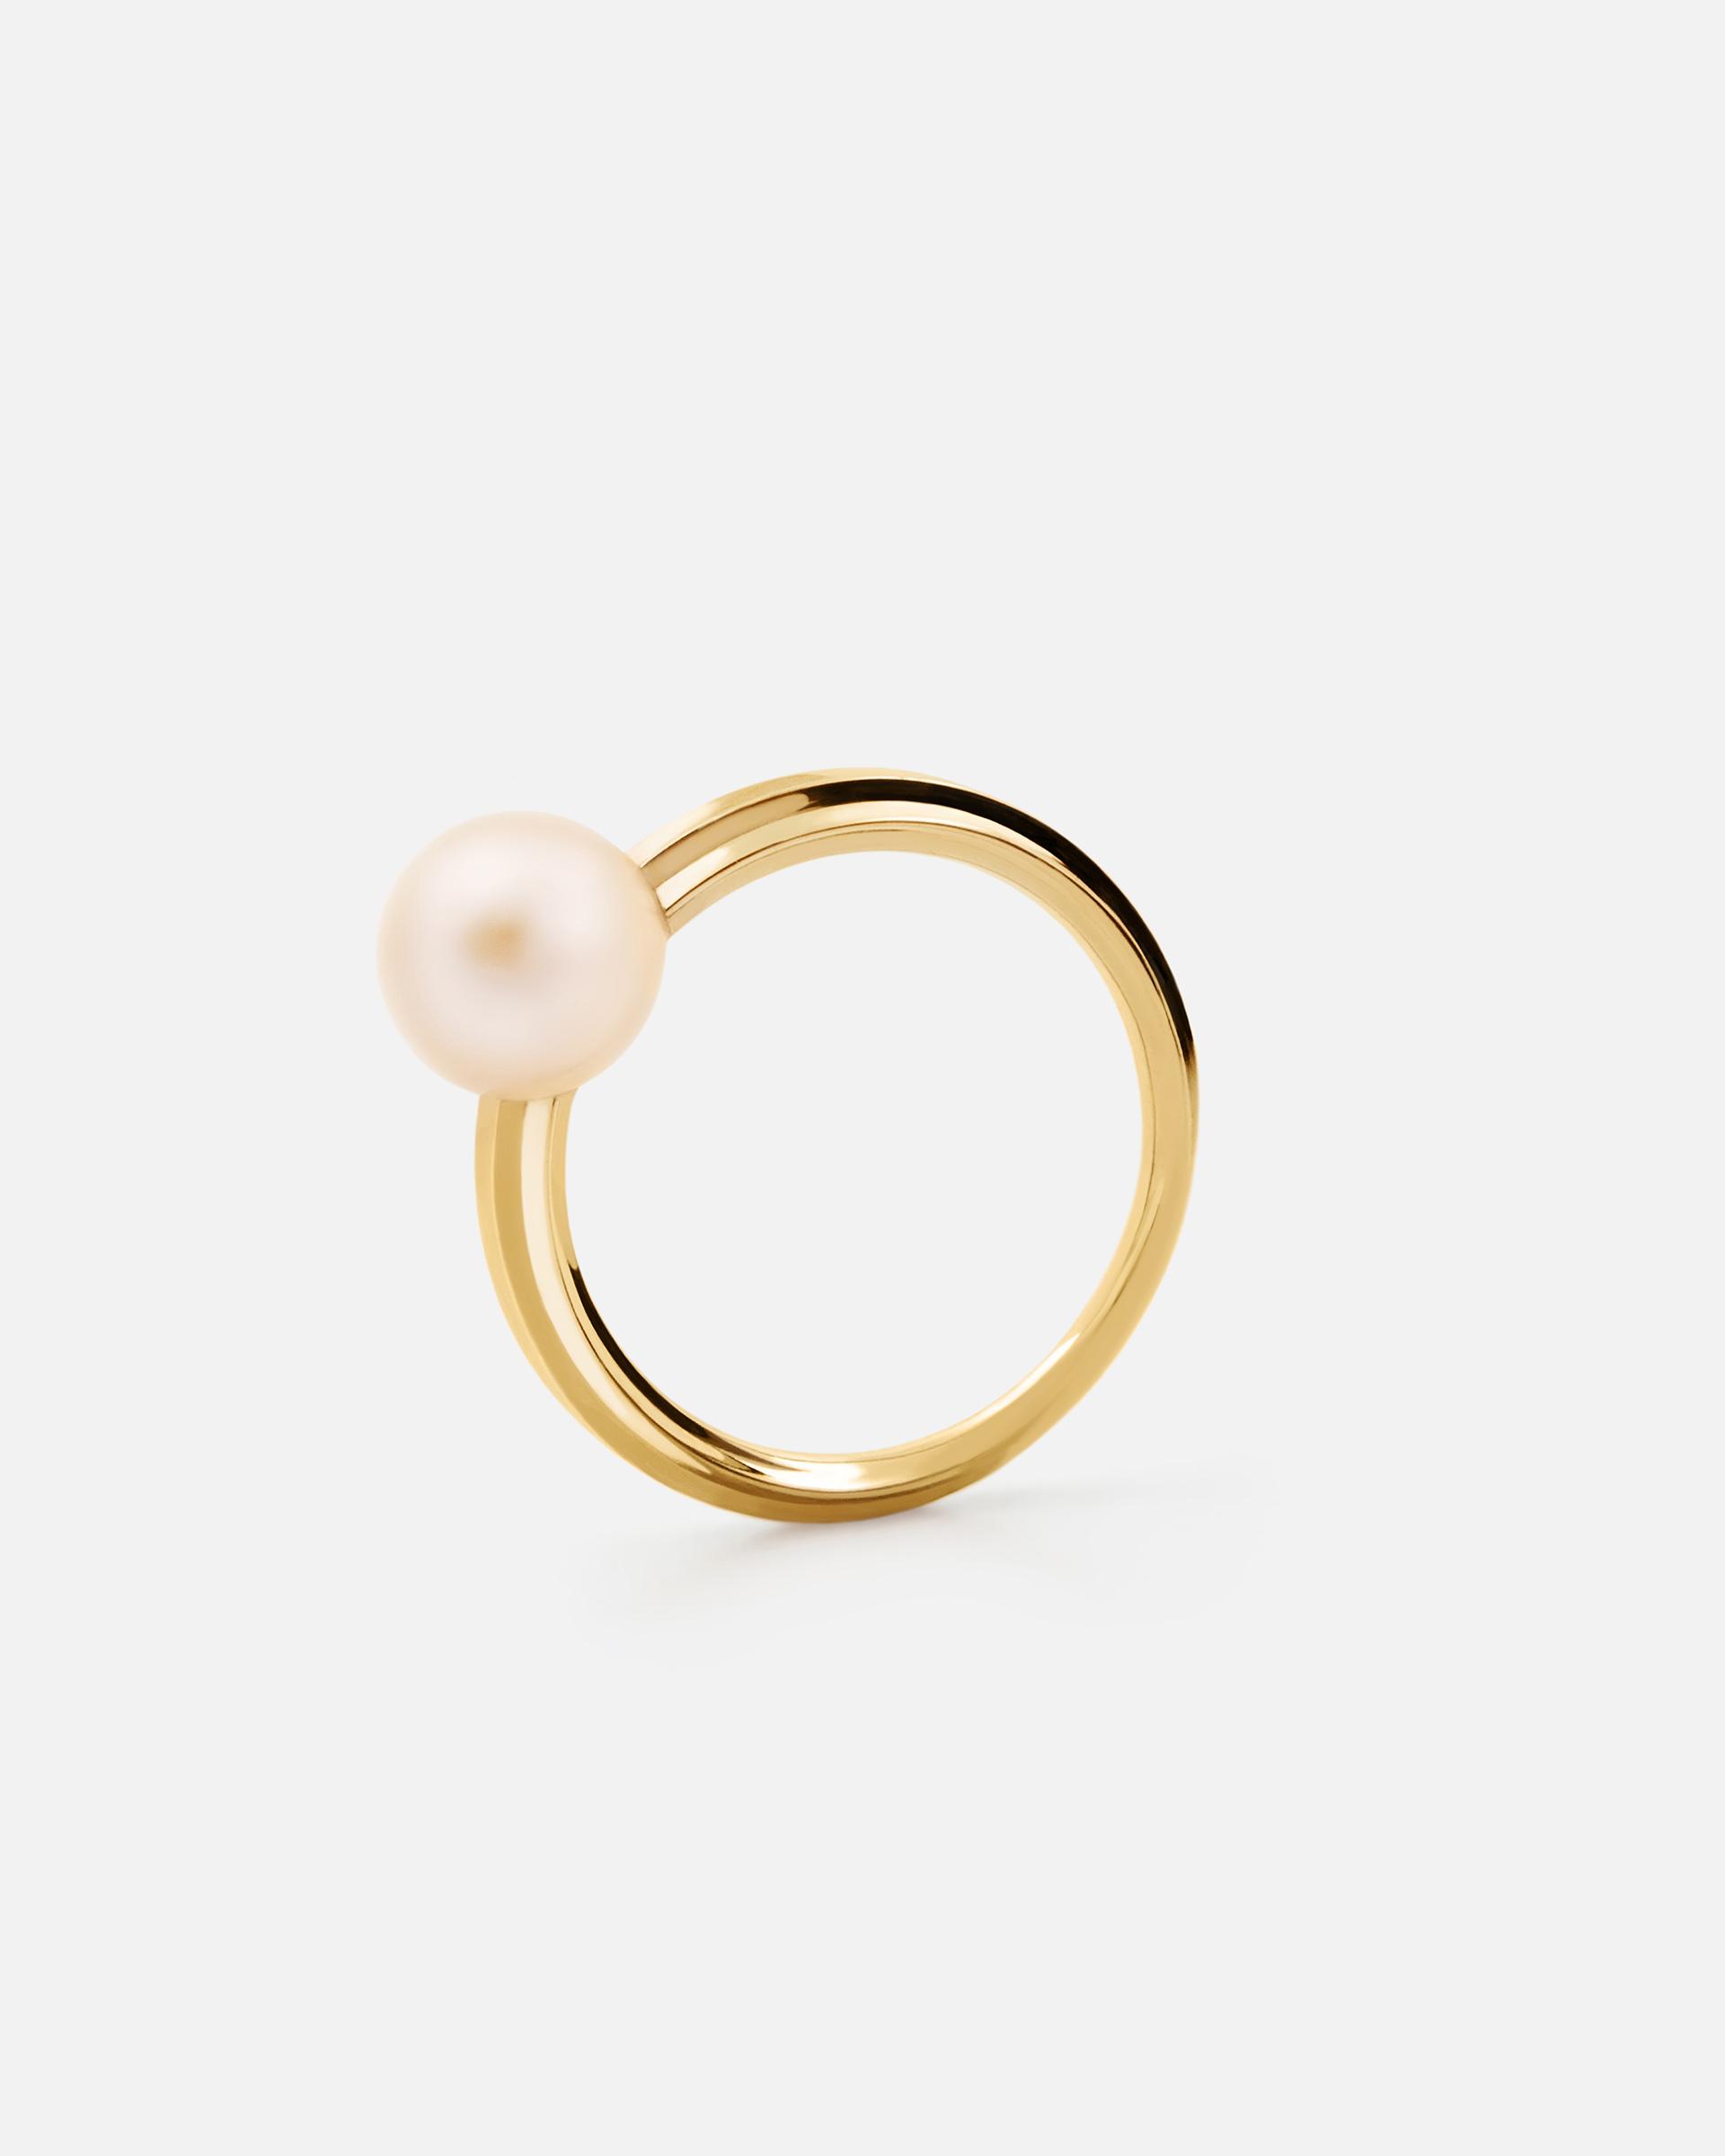 Кольцо с жемчужиной в желтом золоте